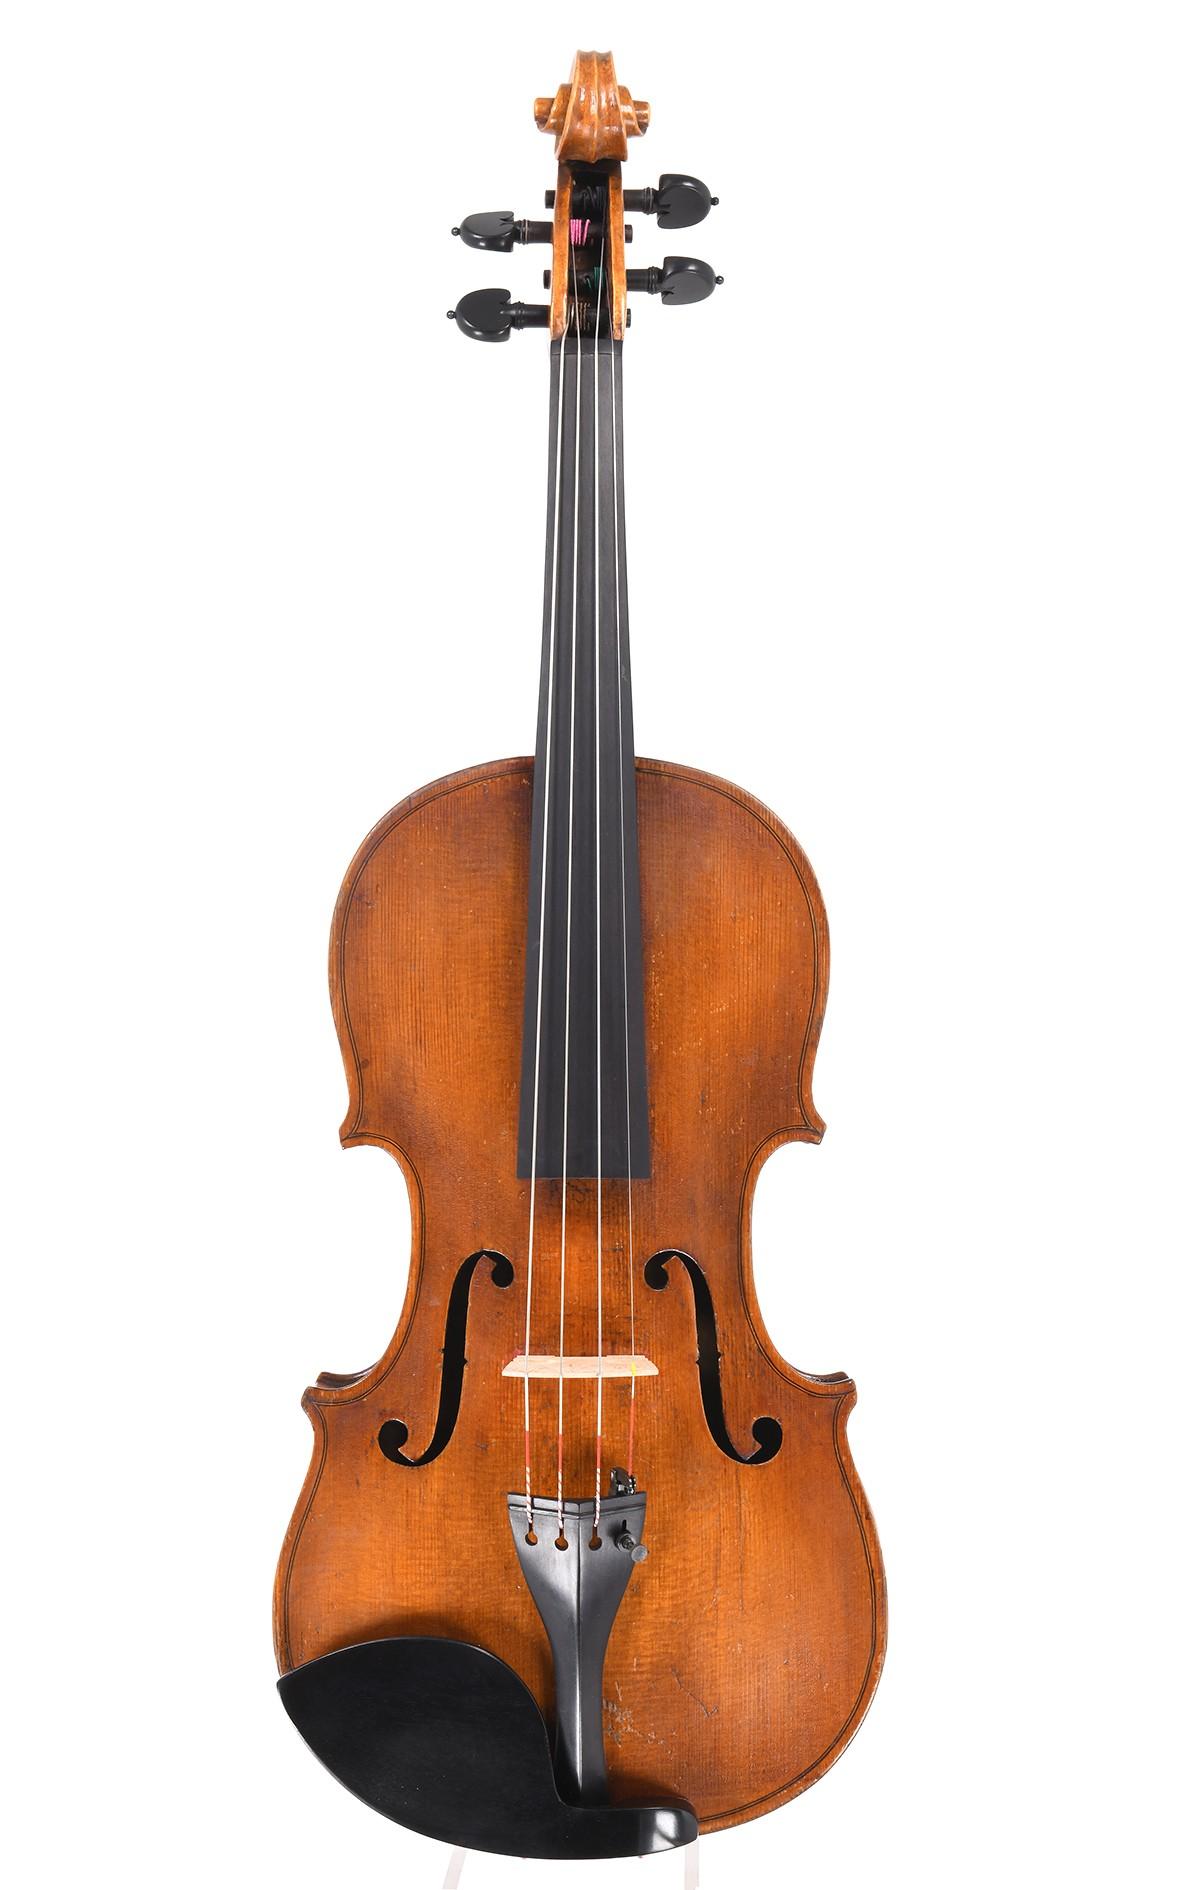 Antike schottische Geige, gebaut in Edinburgh 1890 von J. Millar